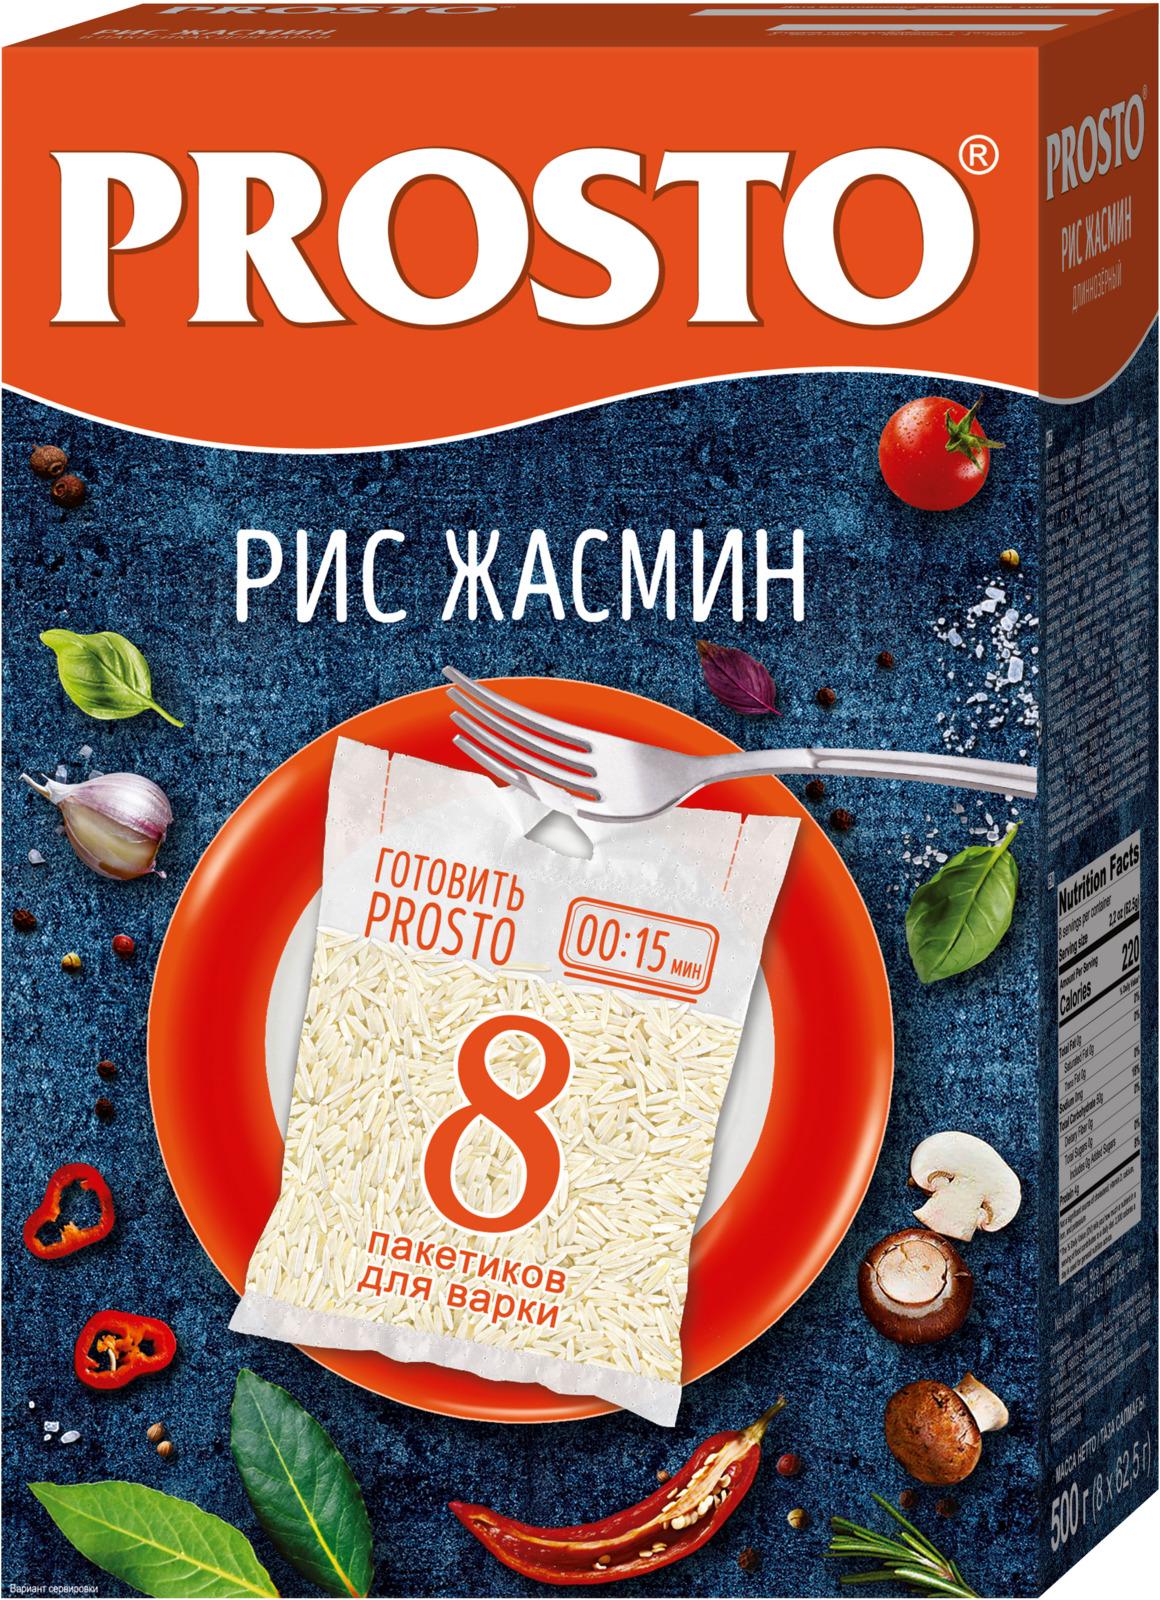 Prosto рис длиннозерный жасмин в пакетиках для варки, 8 шт по 62,5 г